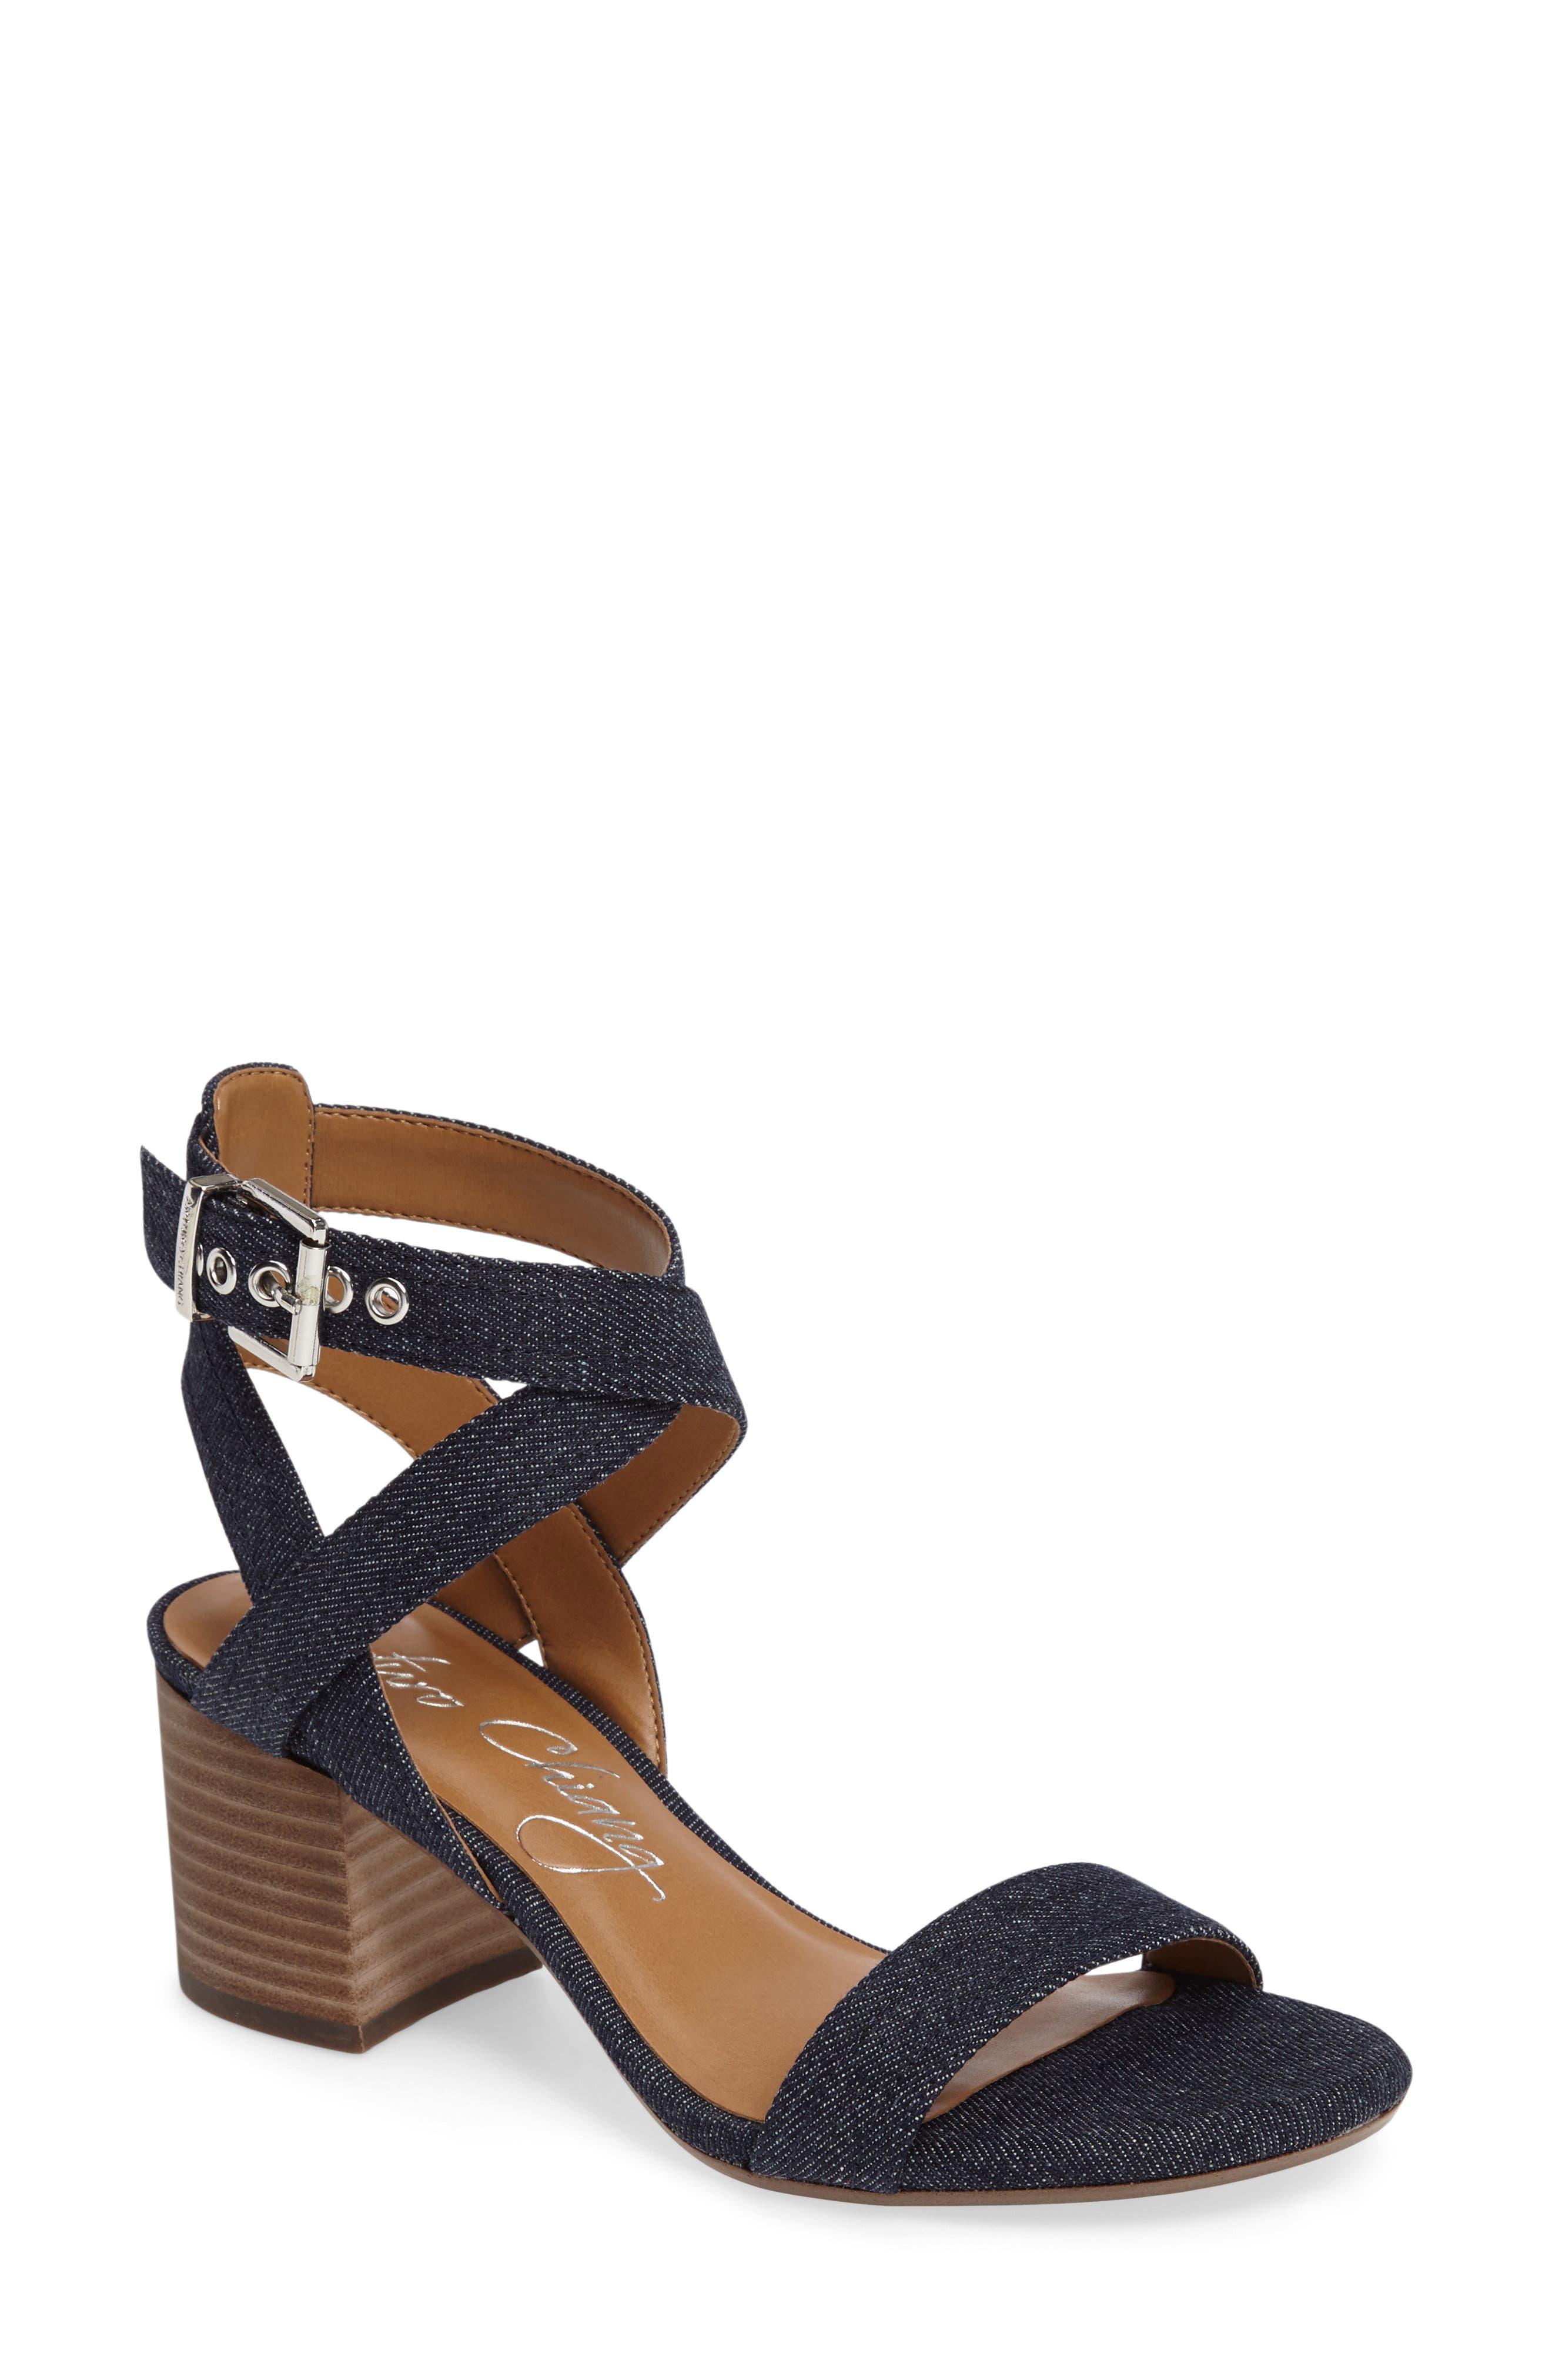 Alternate Image 1 Selected - Arturo Chiang Hammil Block Heel Sandal (Women)